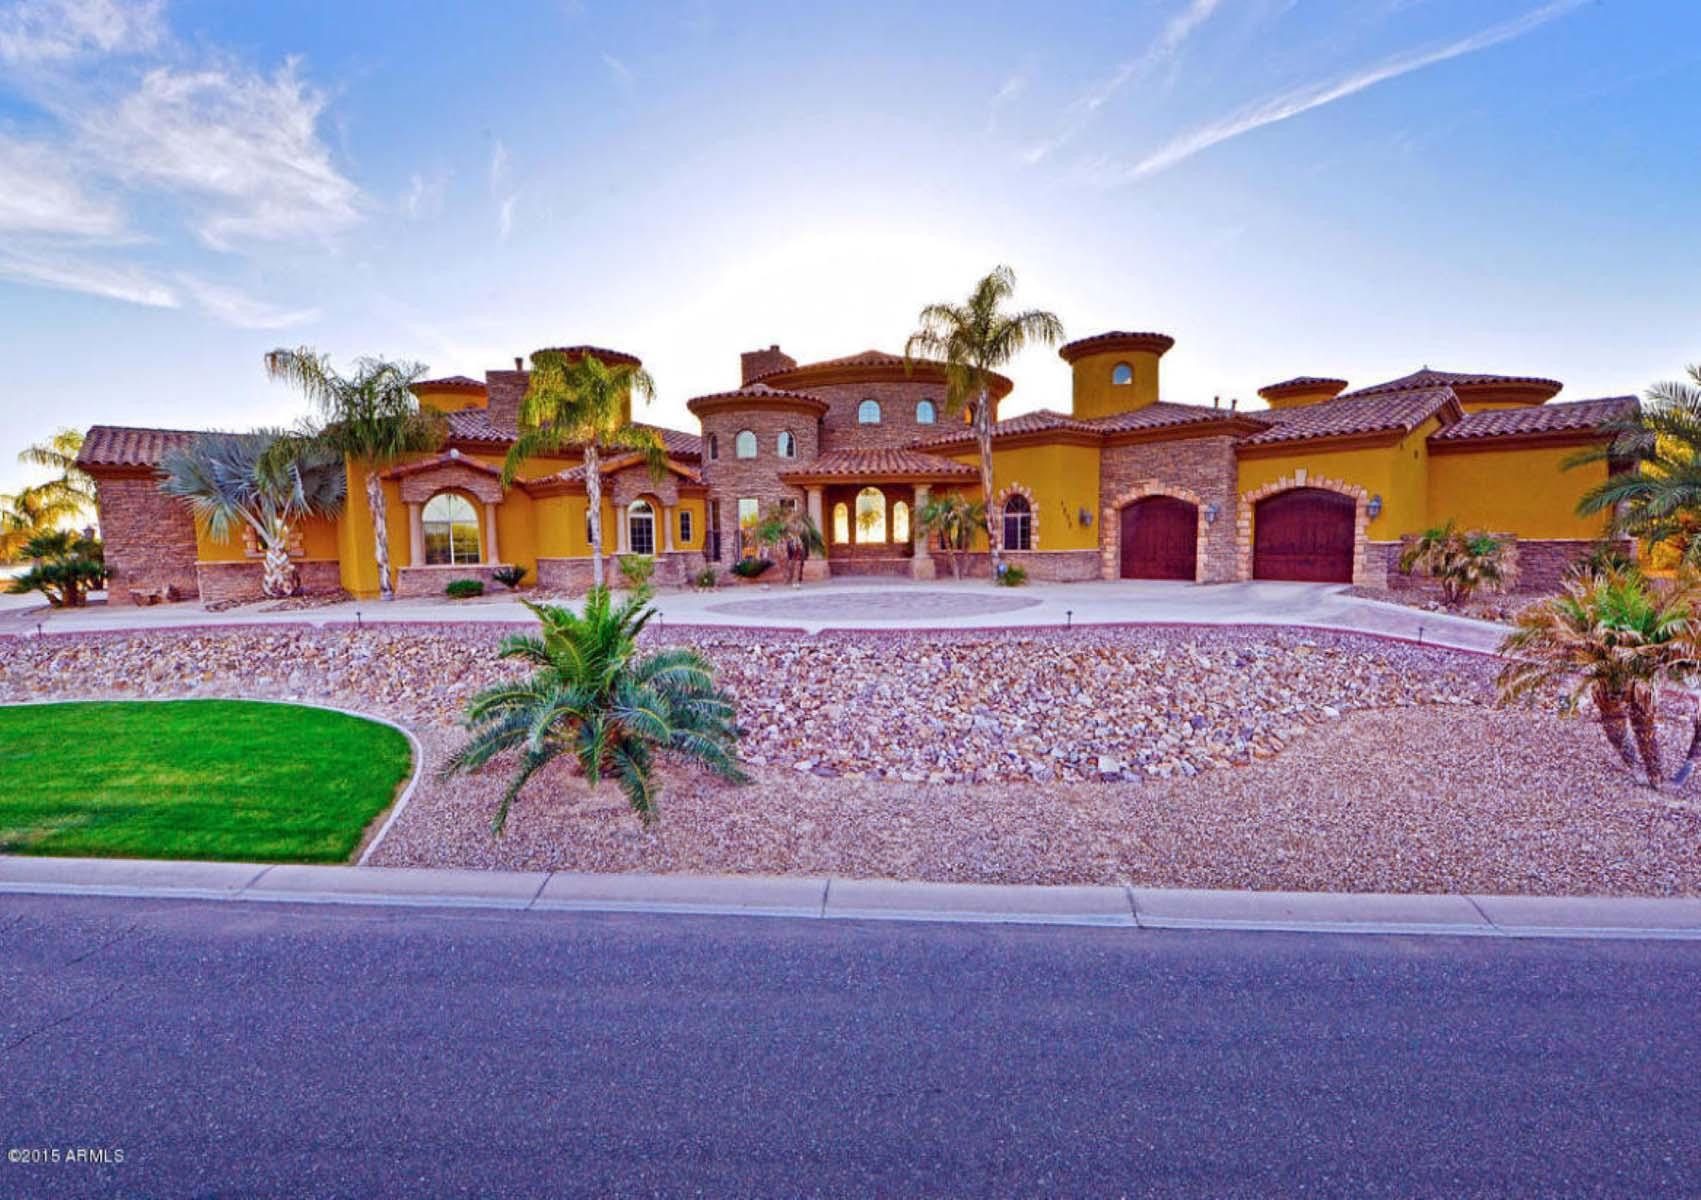 Moradia para Venda às Lakefront property in Santan Lakeside Estates. 7270 S BEACH BLVD Queen Creek, Arizona 85142 Estados Unidos